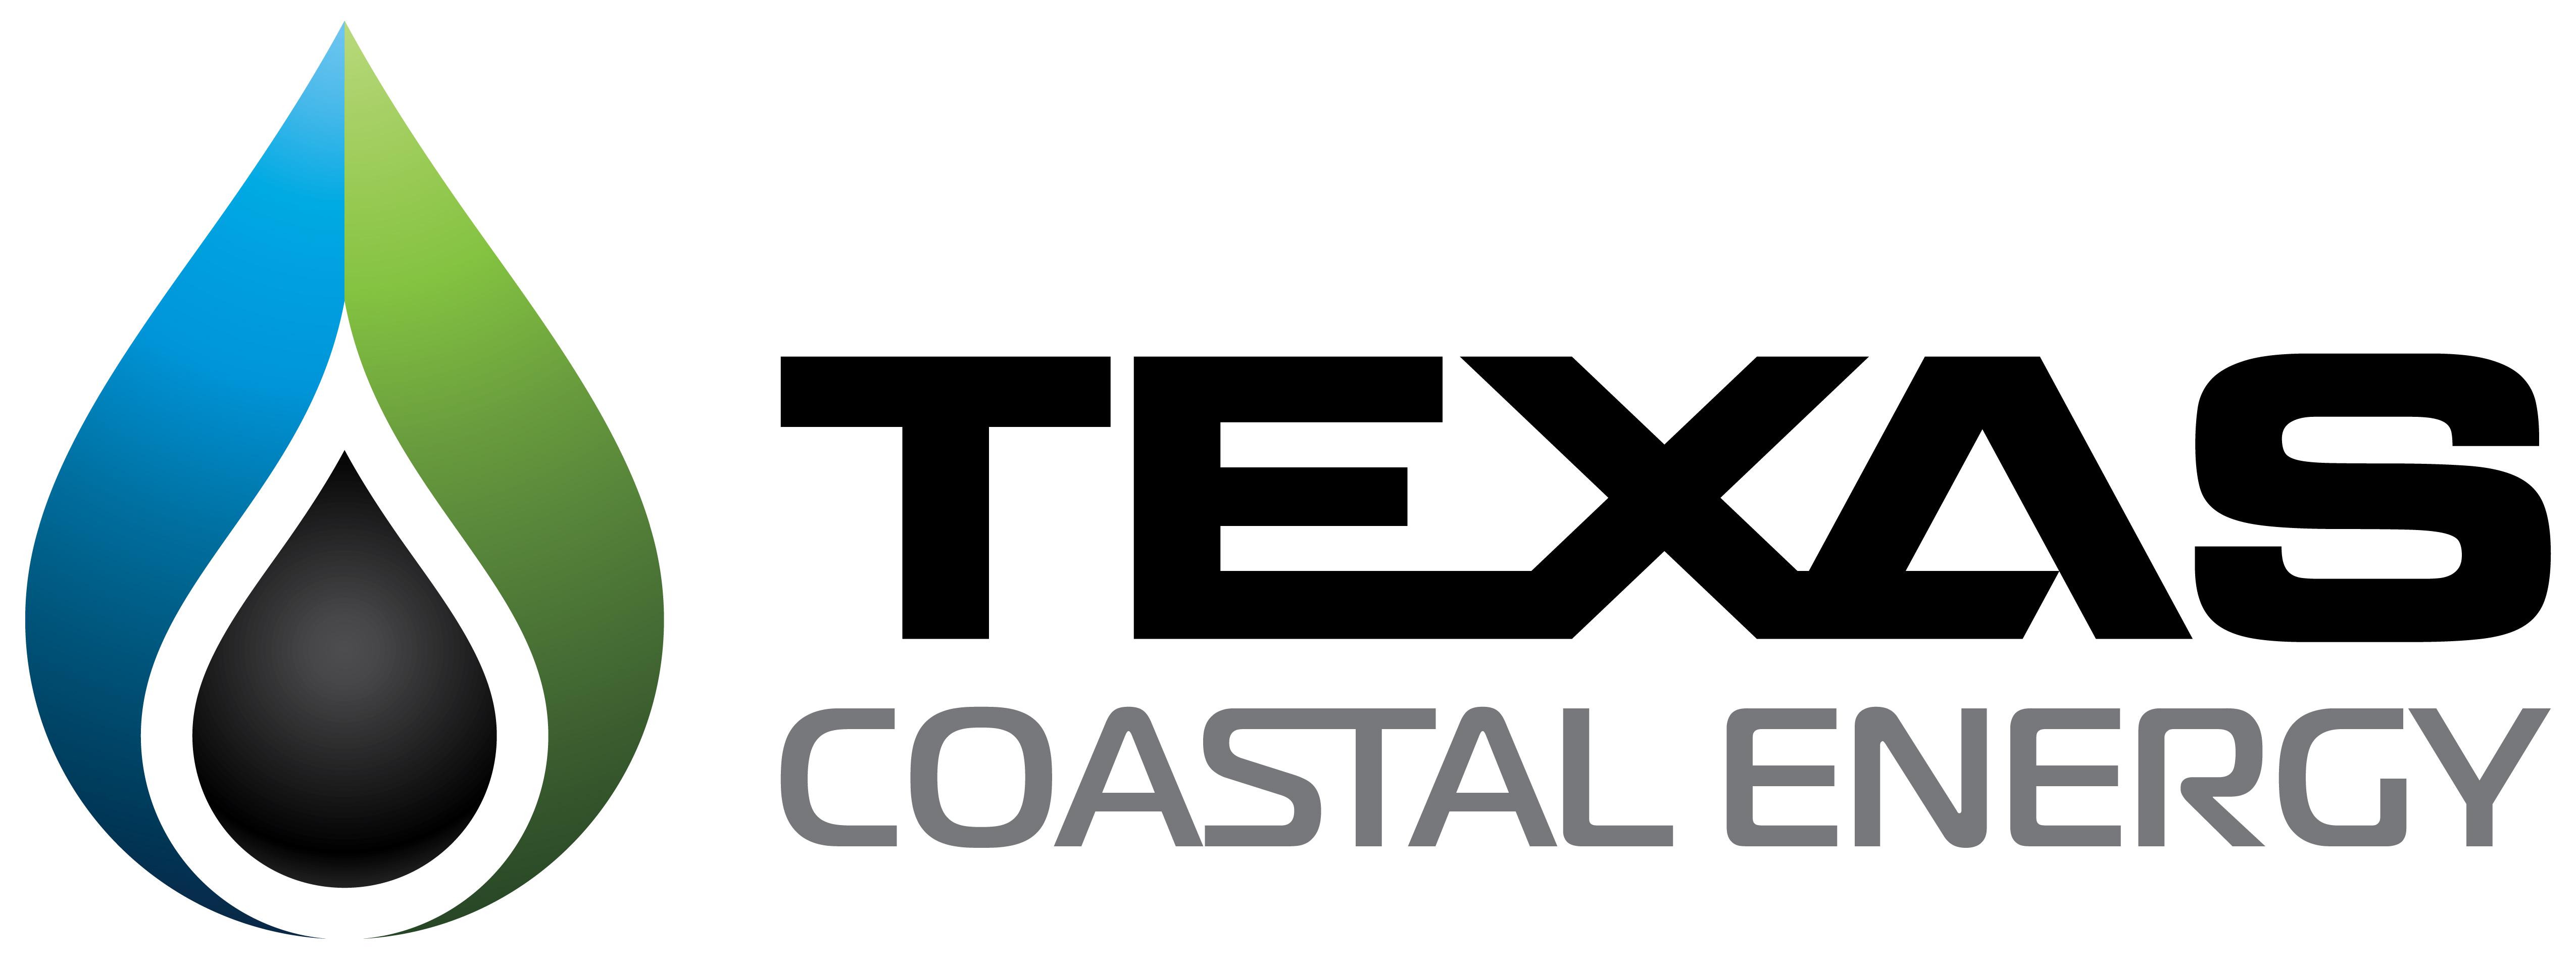 Texas Coastal Energy Company Opens New York Office